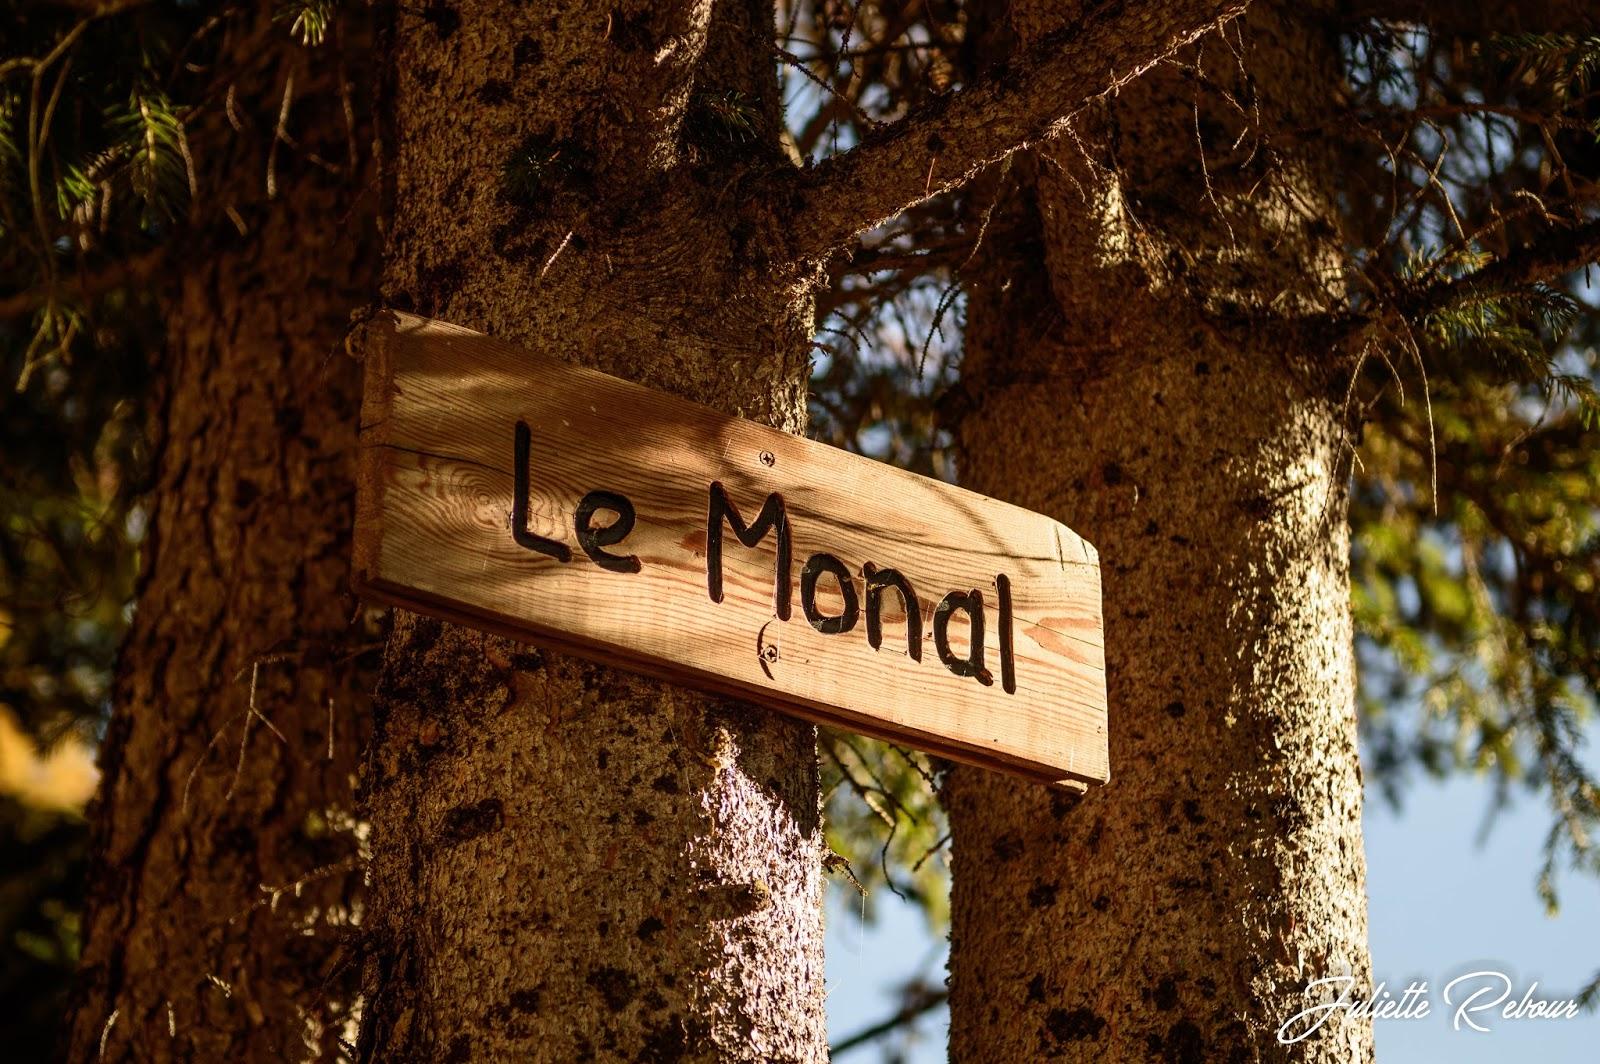 Le Monal, randonnée en alpage en Savoie Mont Blanc